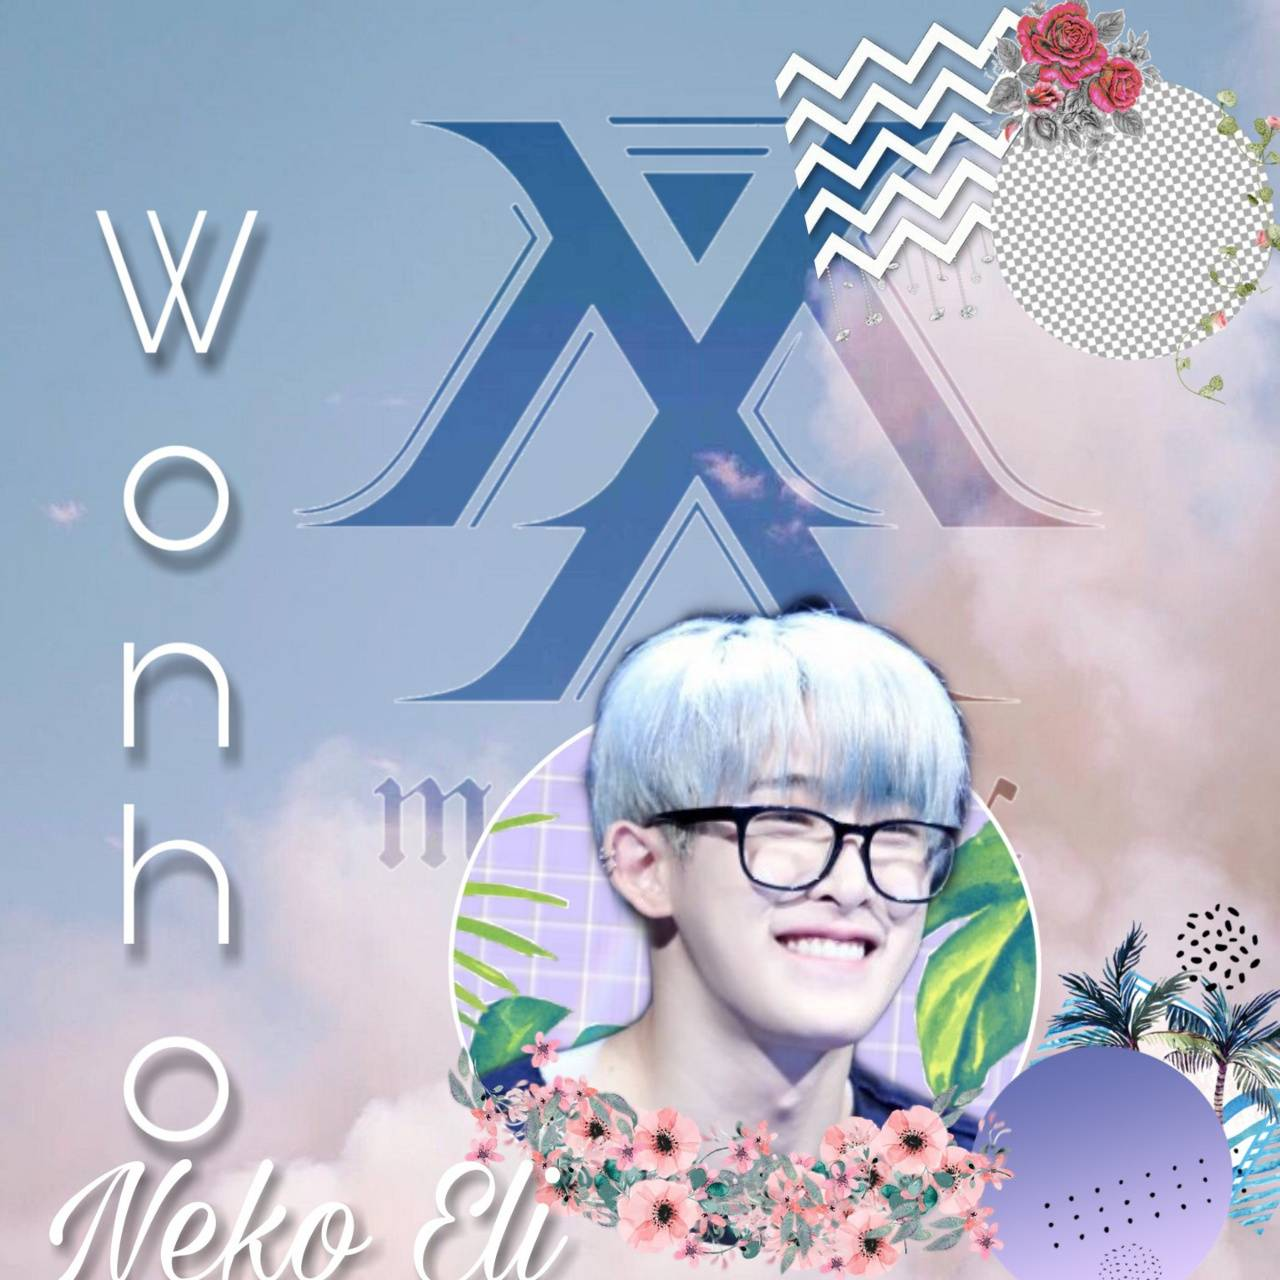 Wonho Monsta X